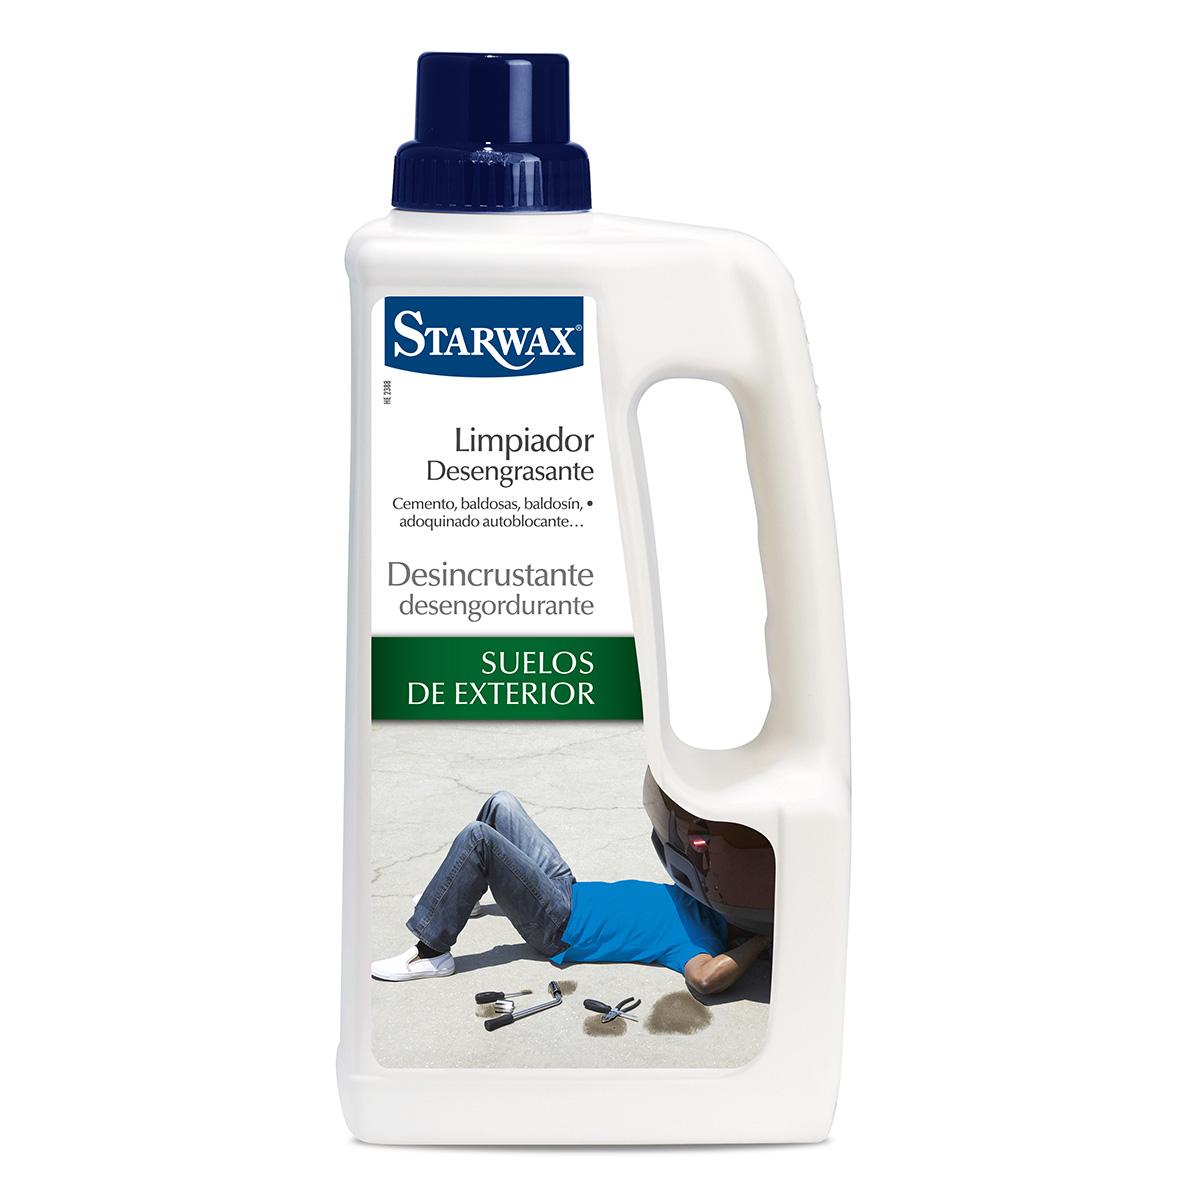 Limpiador desengrasante suelos de exterior - Starwax